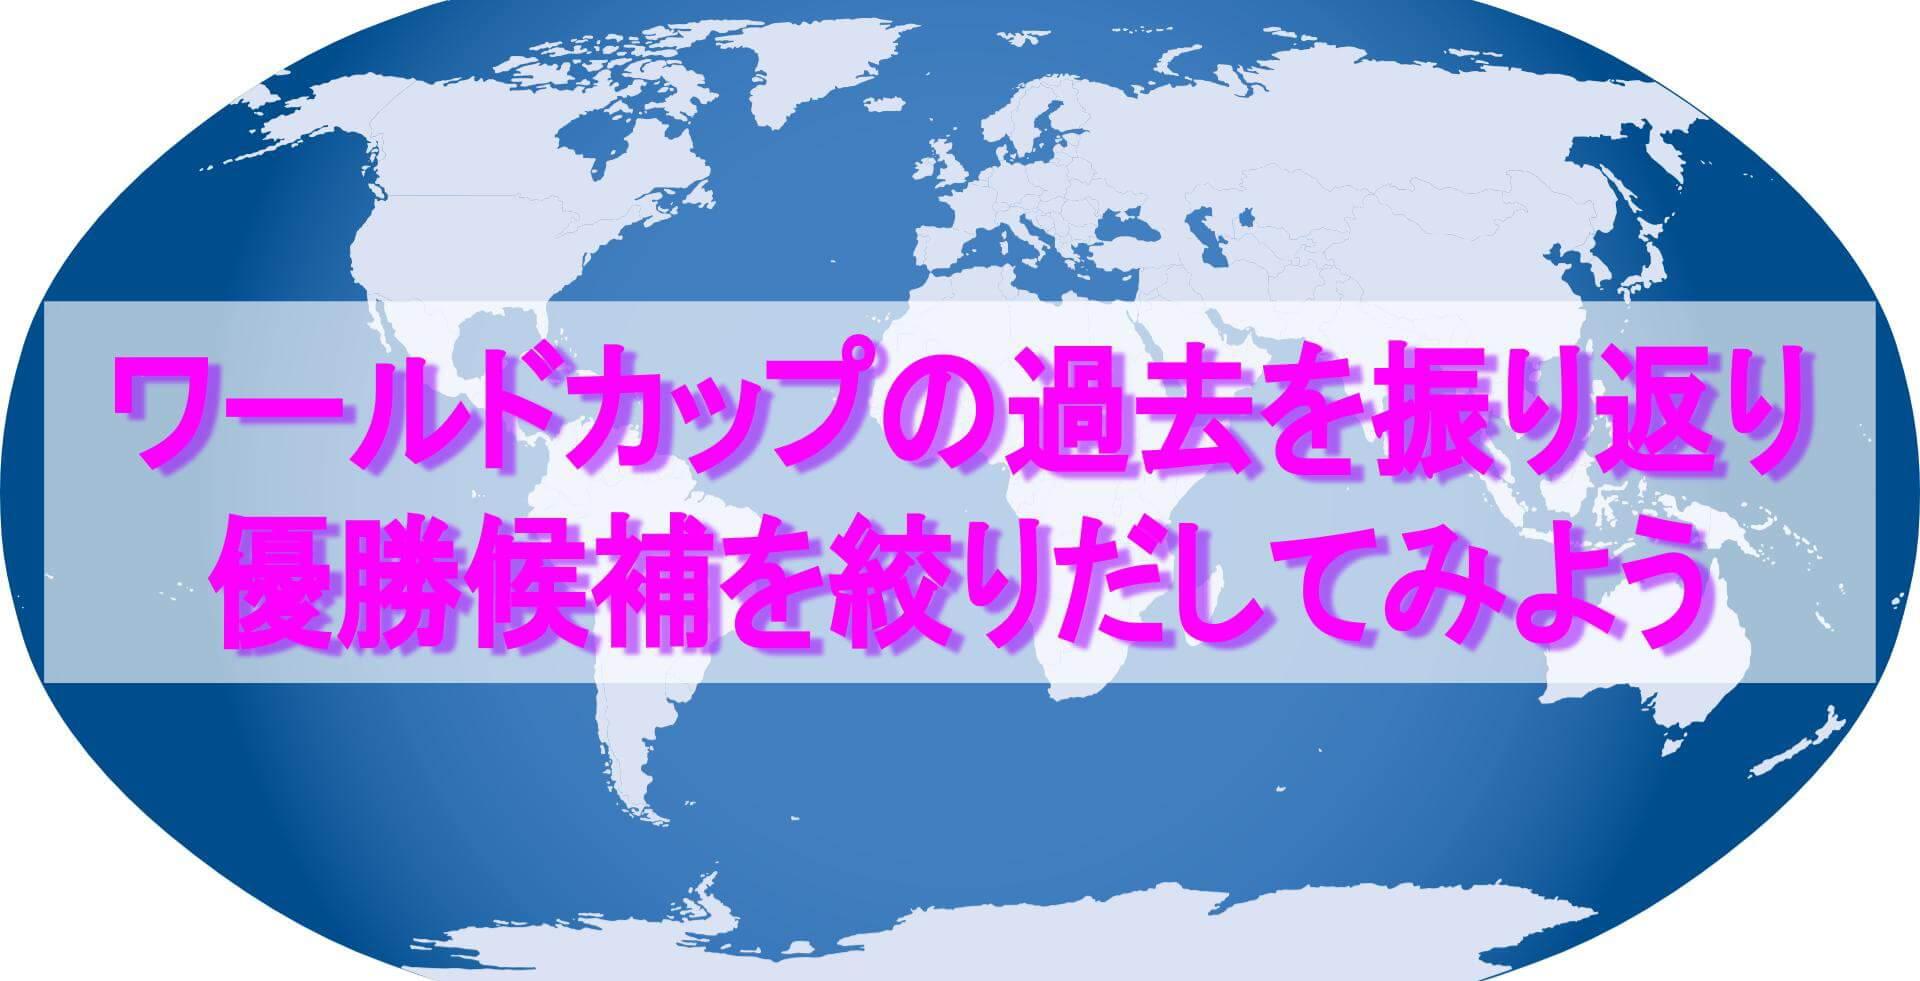 世界地図 テキスト「ワールドカップの過去を振り返り 優勝候補を絞りだしてみよう」